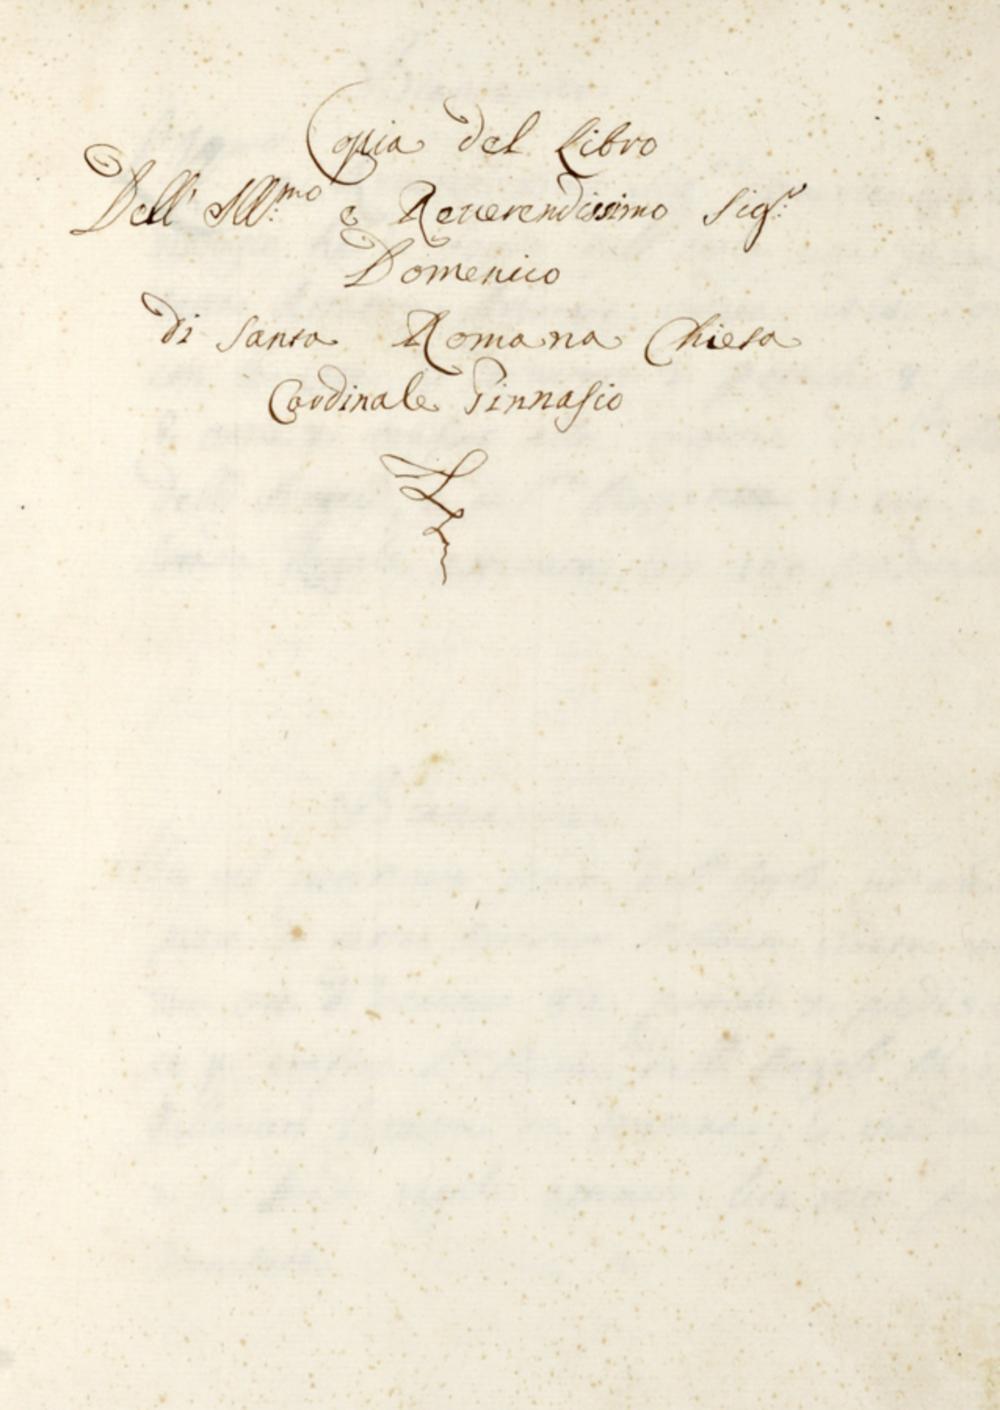 Copia del Libro / dell'Ill.mo e Reverendissimo Sig. / Domenico / di Santa Romana Chiesa / Cardinale Ginnasio. Non datato, ma seconda metà del XVII secolo.